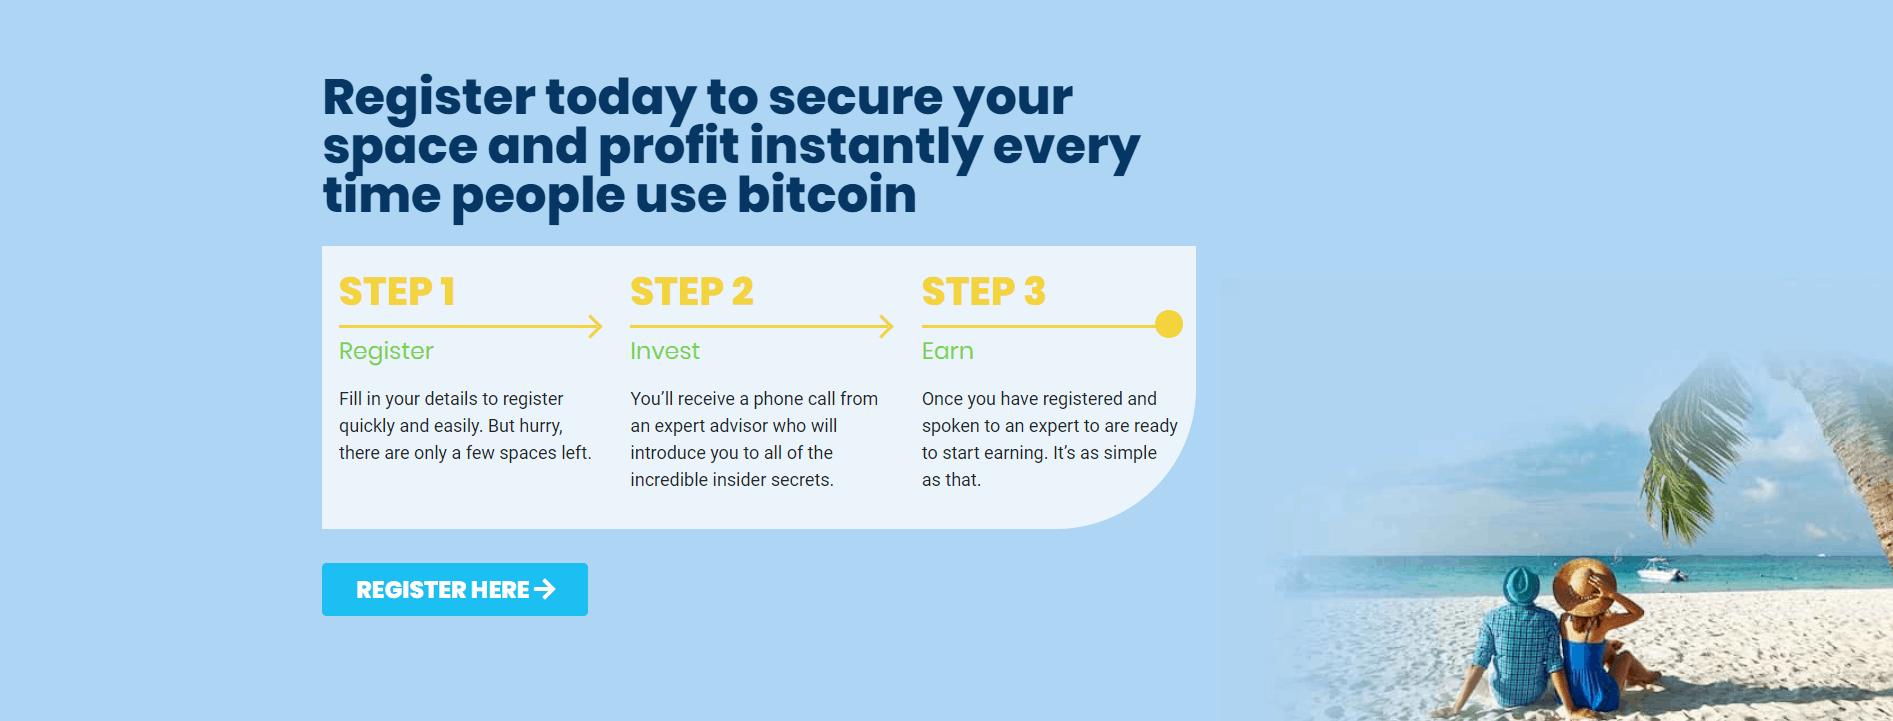 Registrer deg til Bitcoin Billionaire